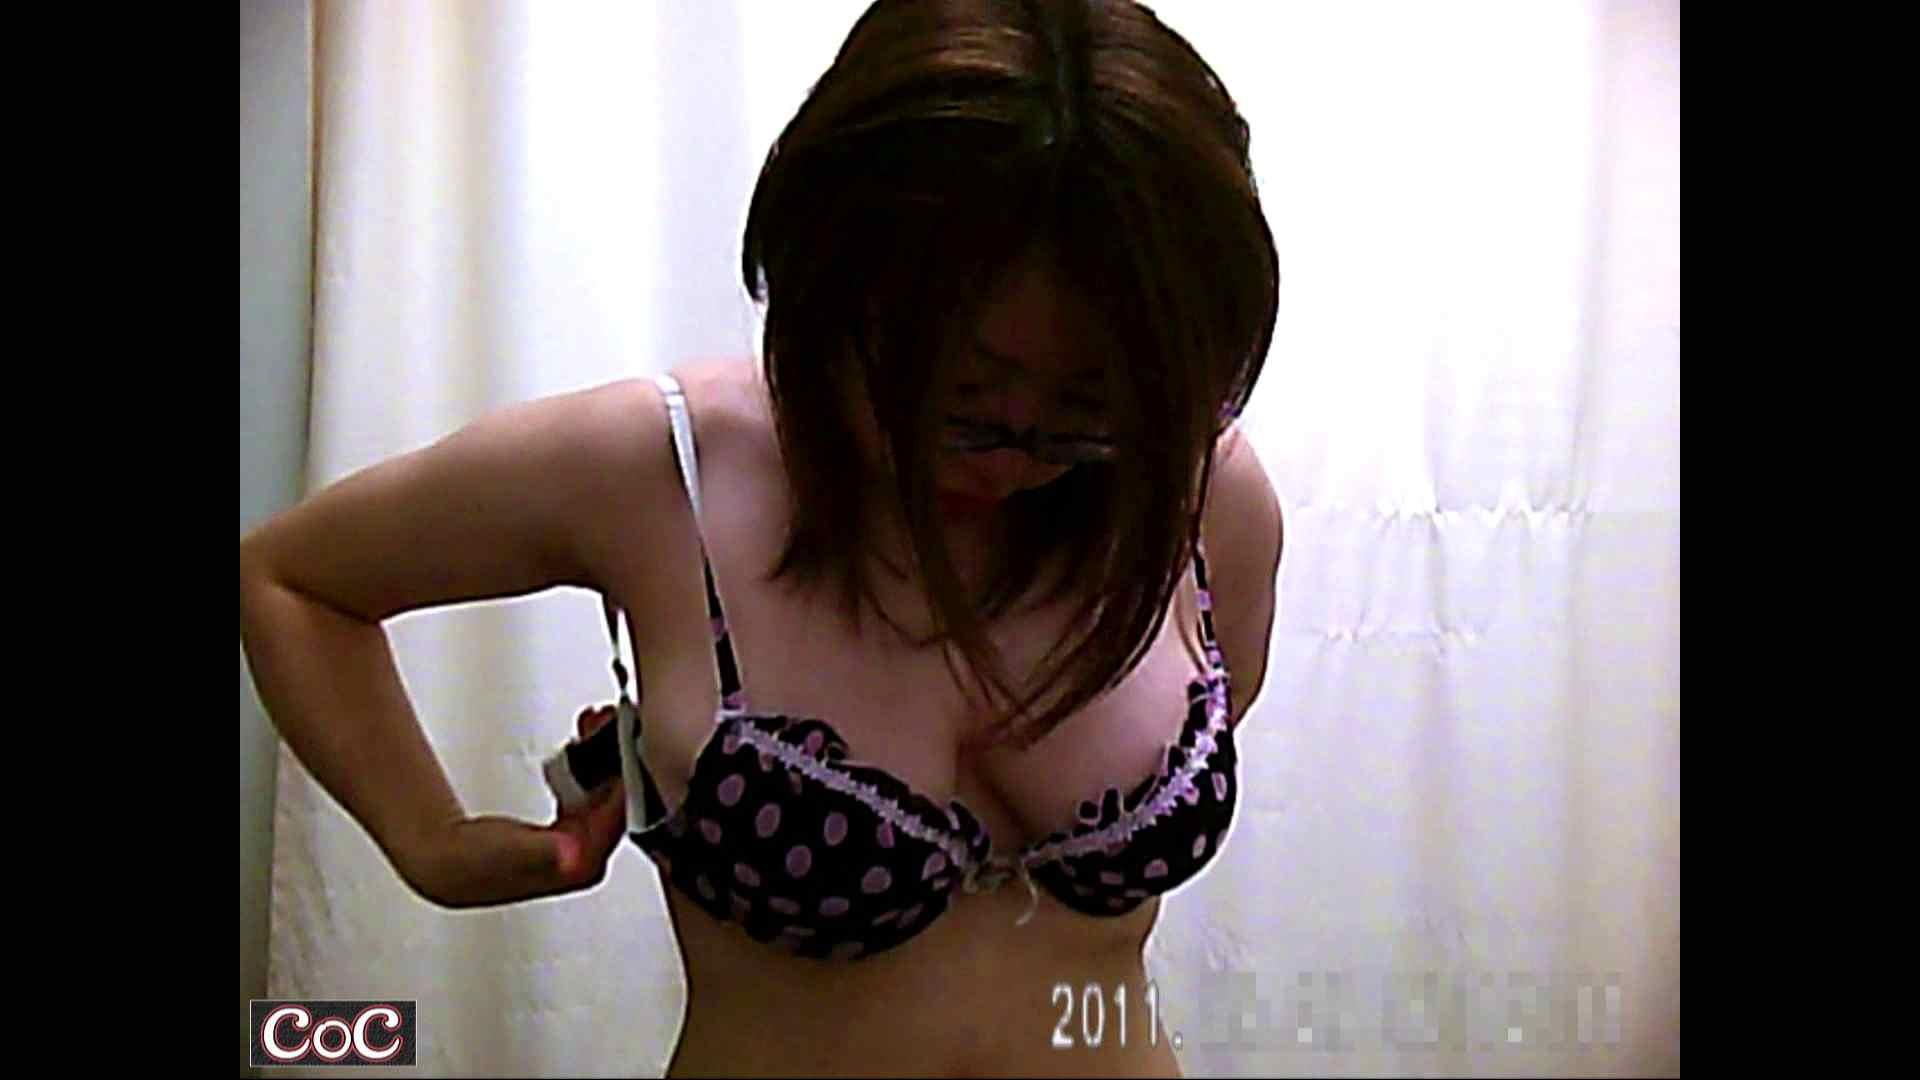 病院おもいっきり着替え! vol.42 乳首 おまんこ無修正動画無料 84pic 15